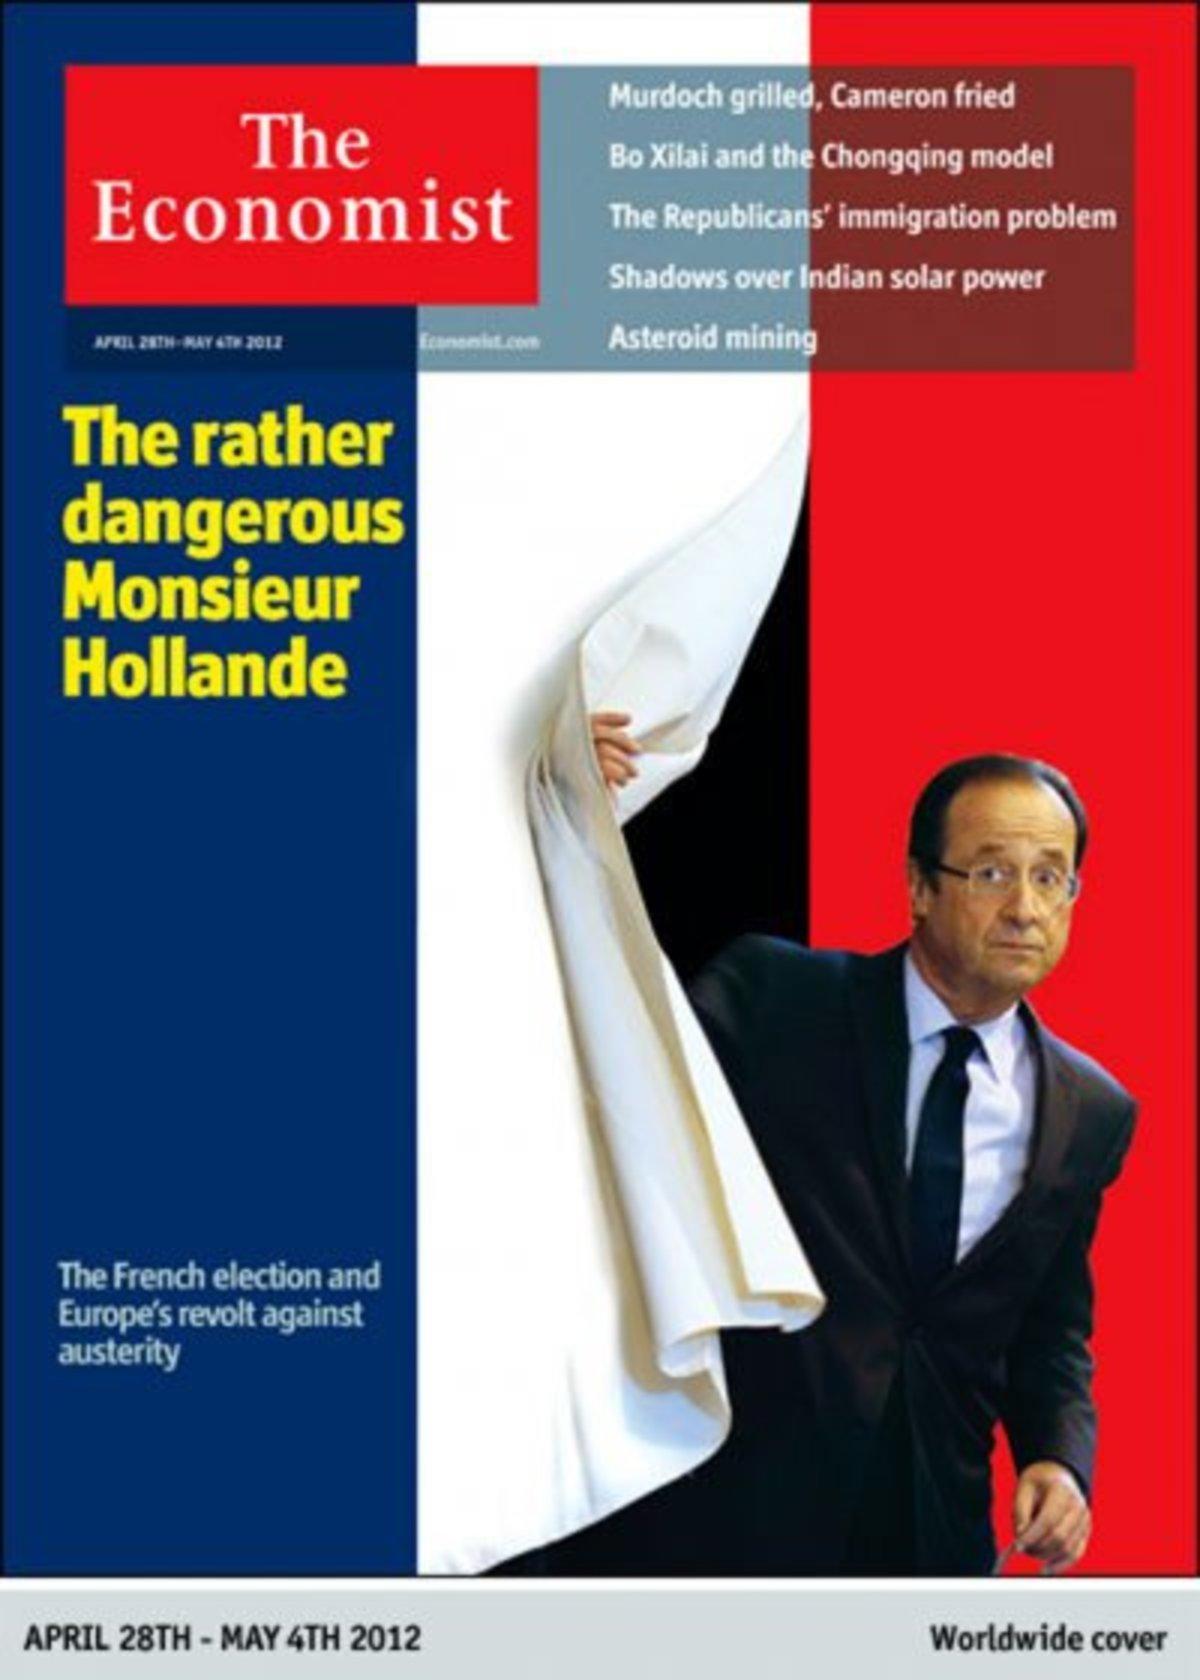 Οργή Ολάντ για τον Economist! Το περιοδικό τάχθηκε υπέρ του Σαρκοζί   Newsit.gr